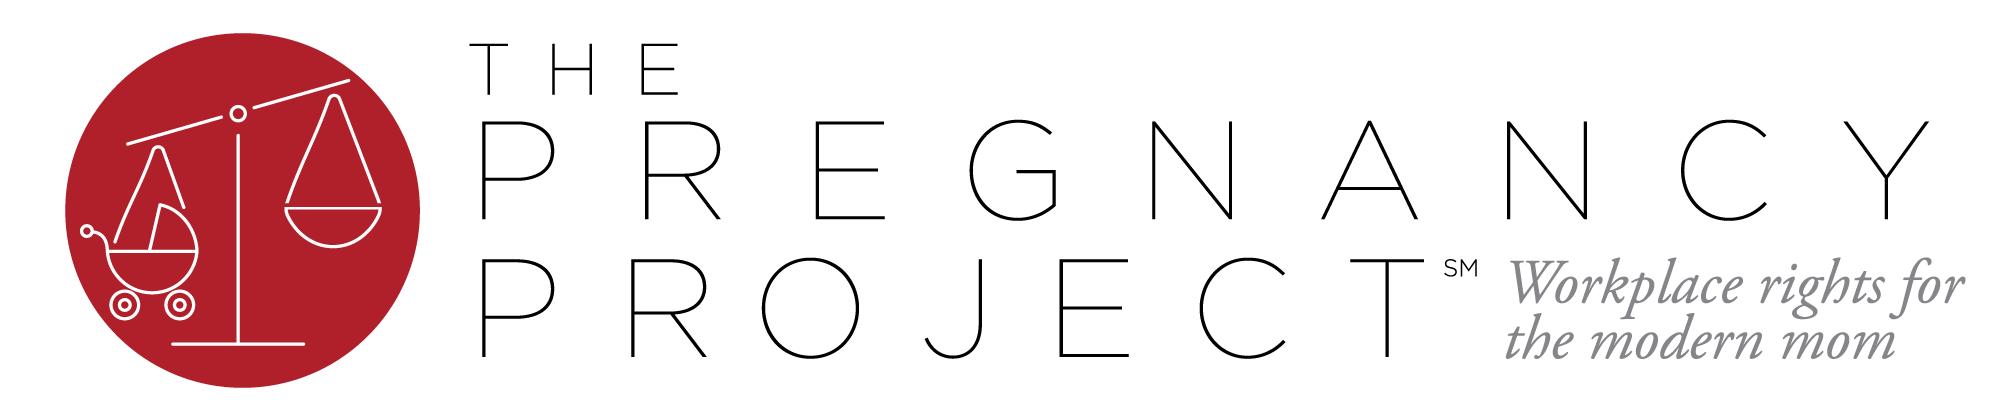 PP_Logo_TransparentBkgrd (1).png